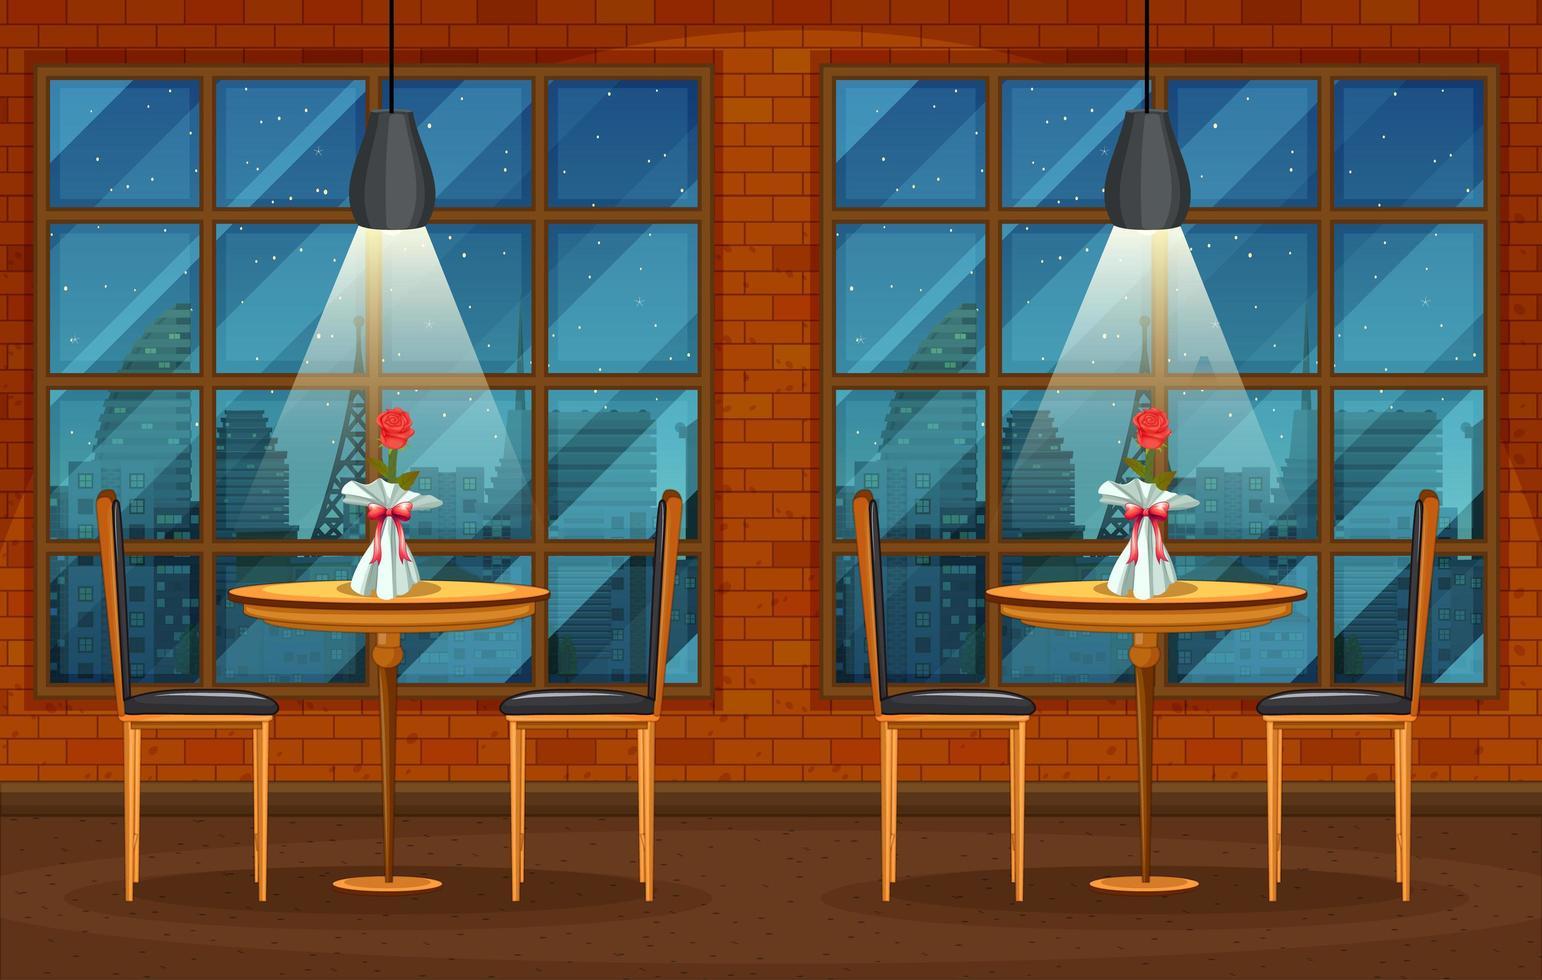 escena de fondo de pub y restaurante vector